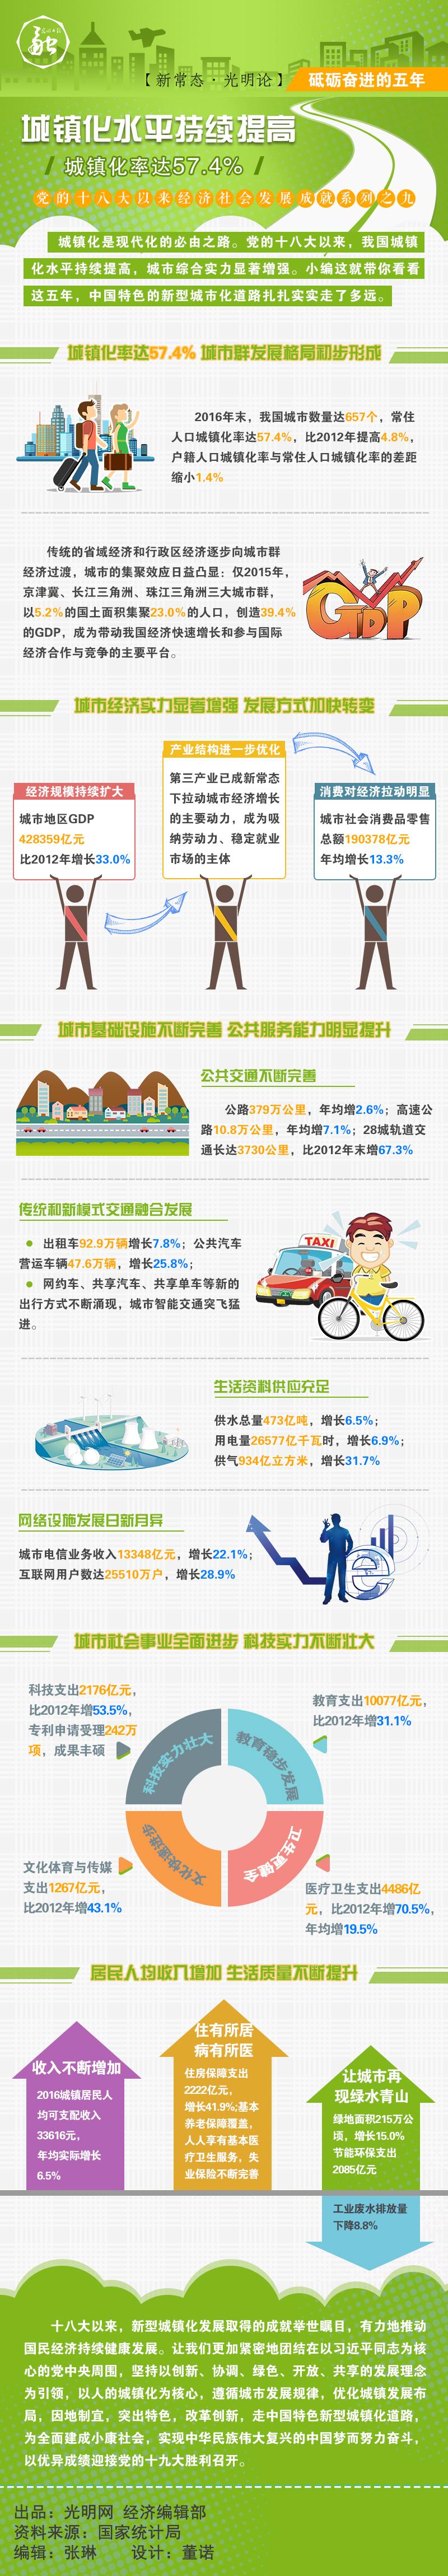 【砥砺奋进的五年】城镇化水平持续提高 城镇化率达57.4%